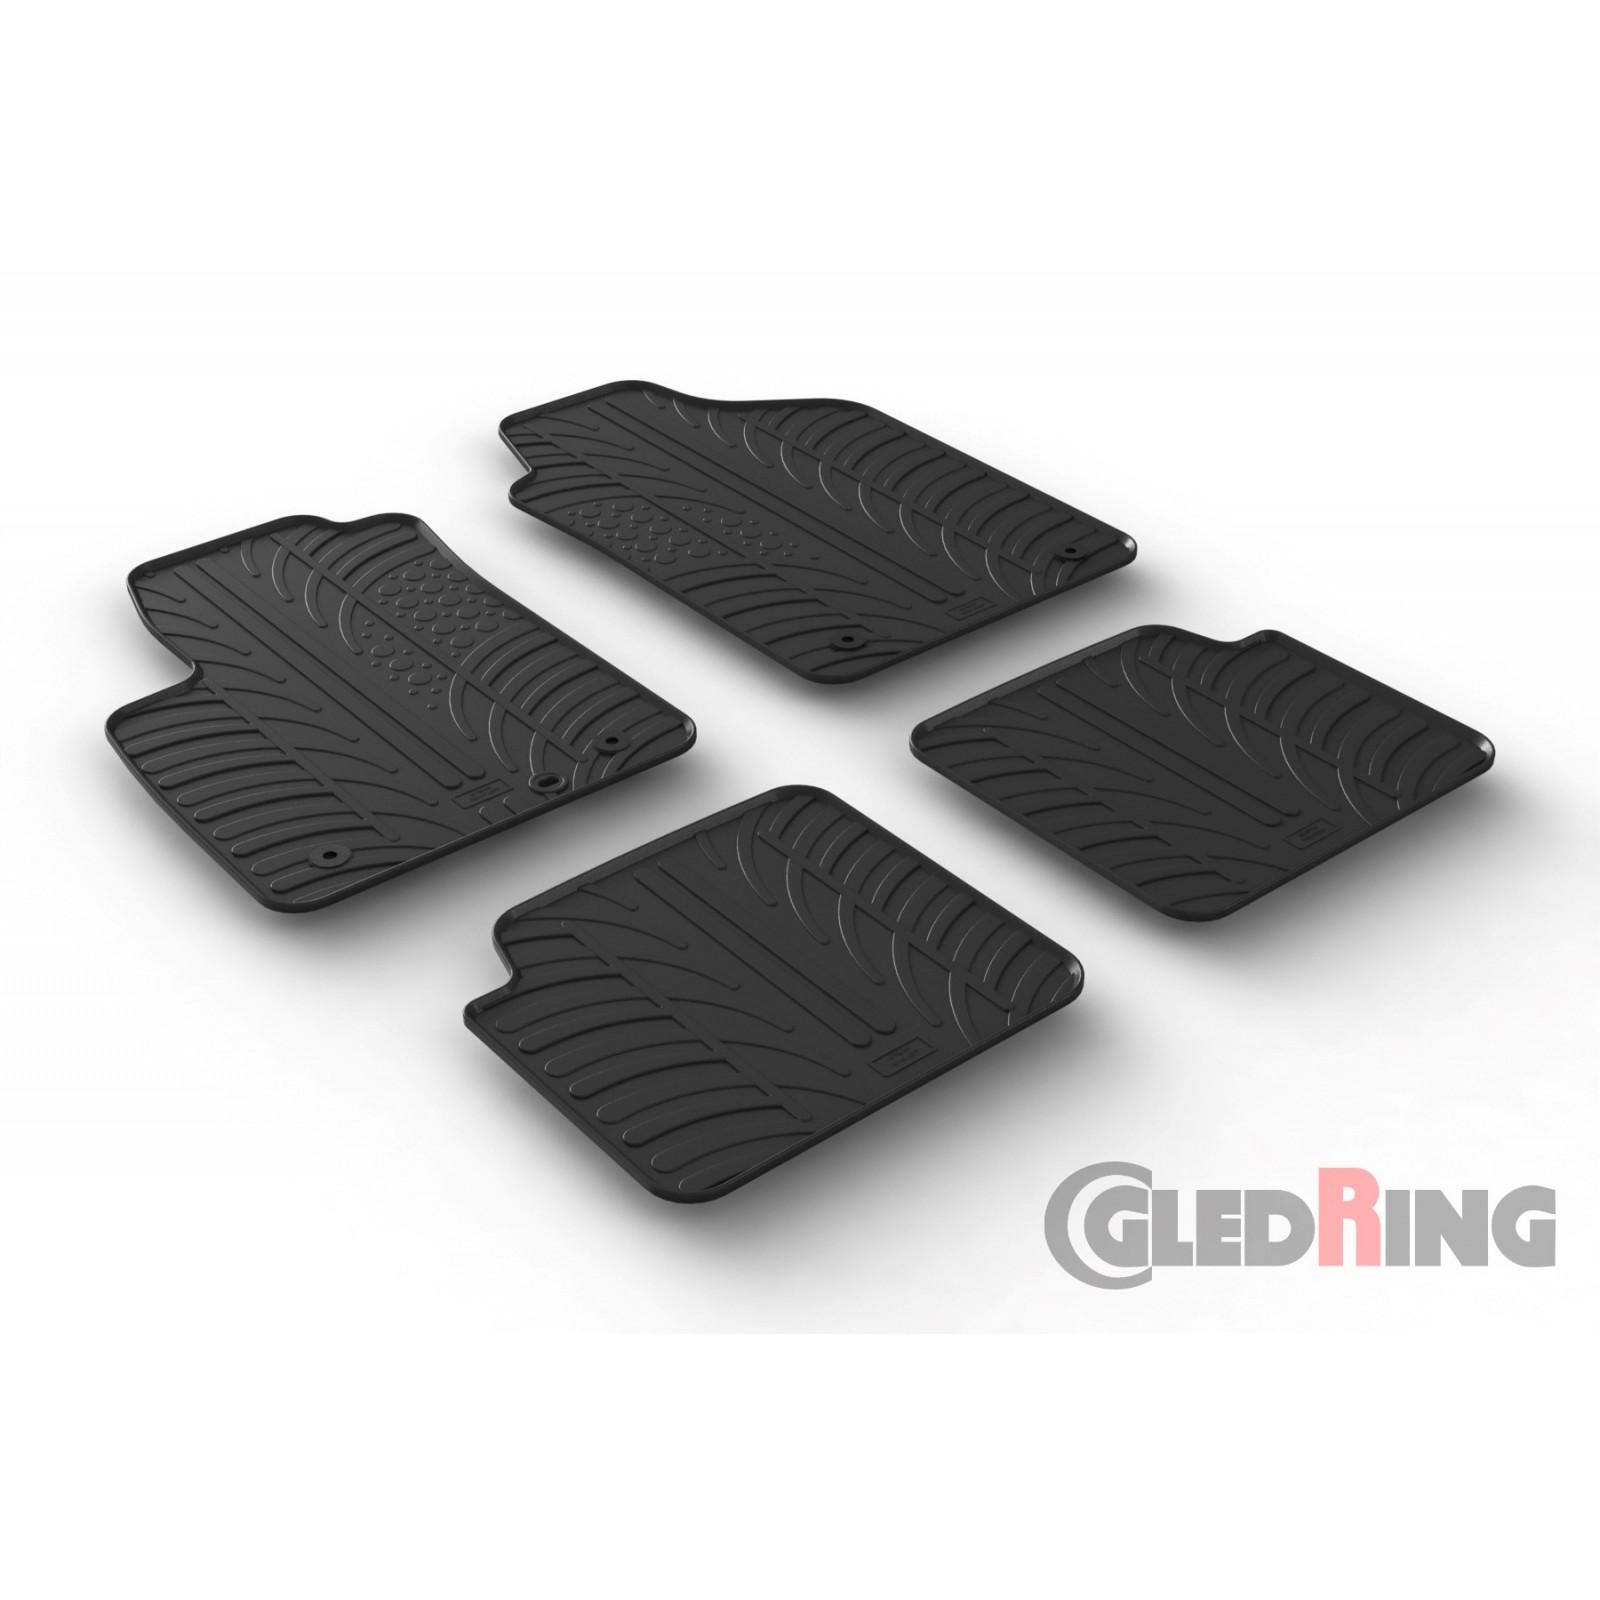 tapis en caoutchouc pour fiat 500. Black Bedroom Furniture Sets. Home Design Ideas